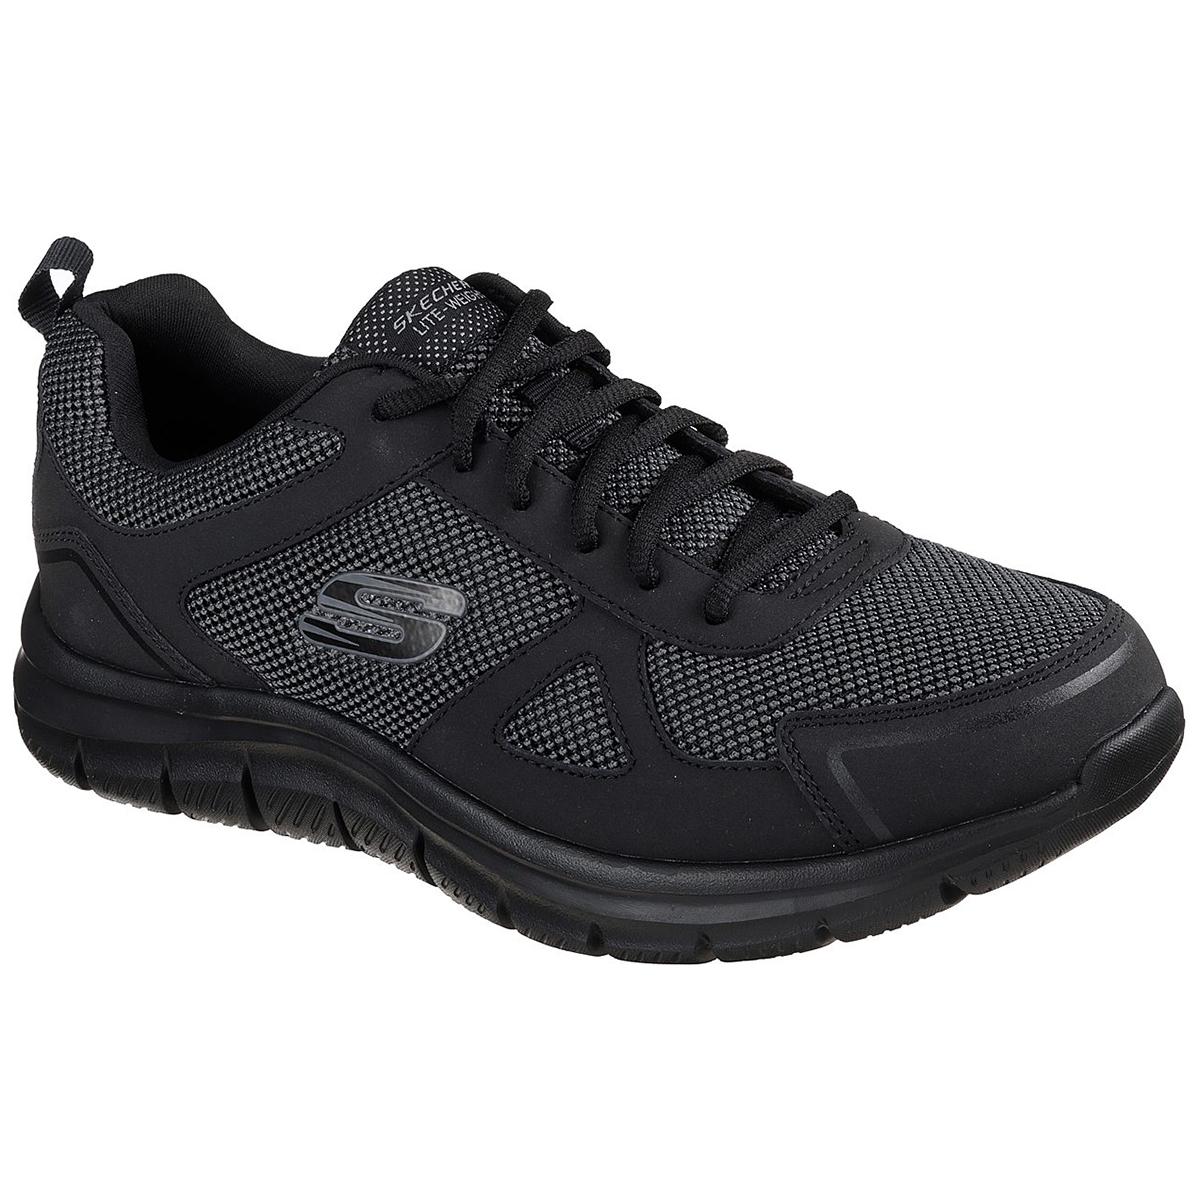 Skechers Men's Track Bucolo Shoe, Wide - Black, 11